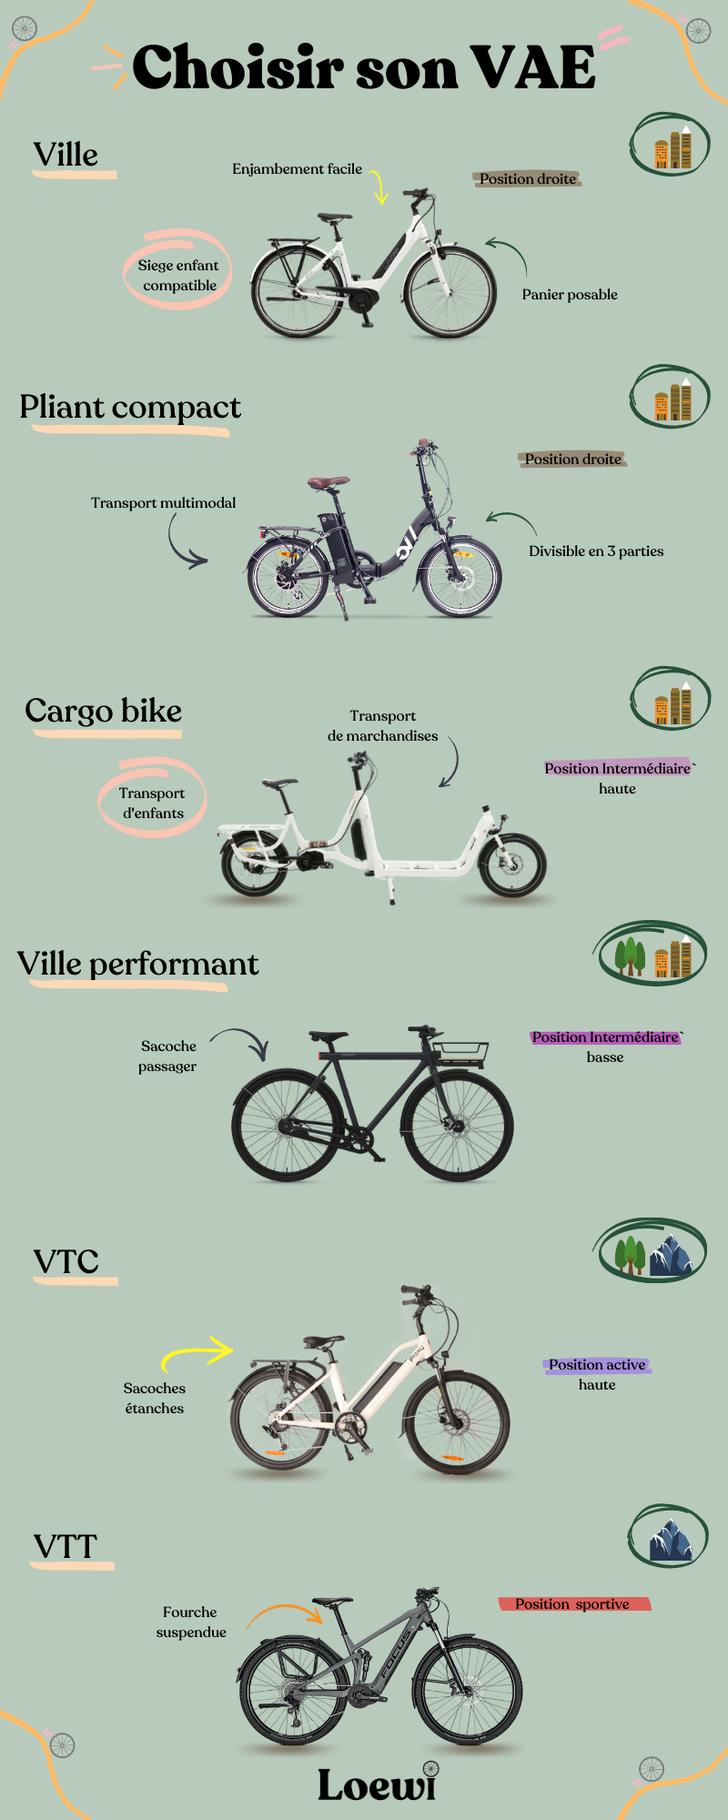 Choisir son VAE vélo électrique